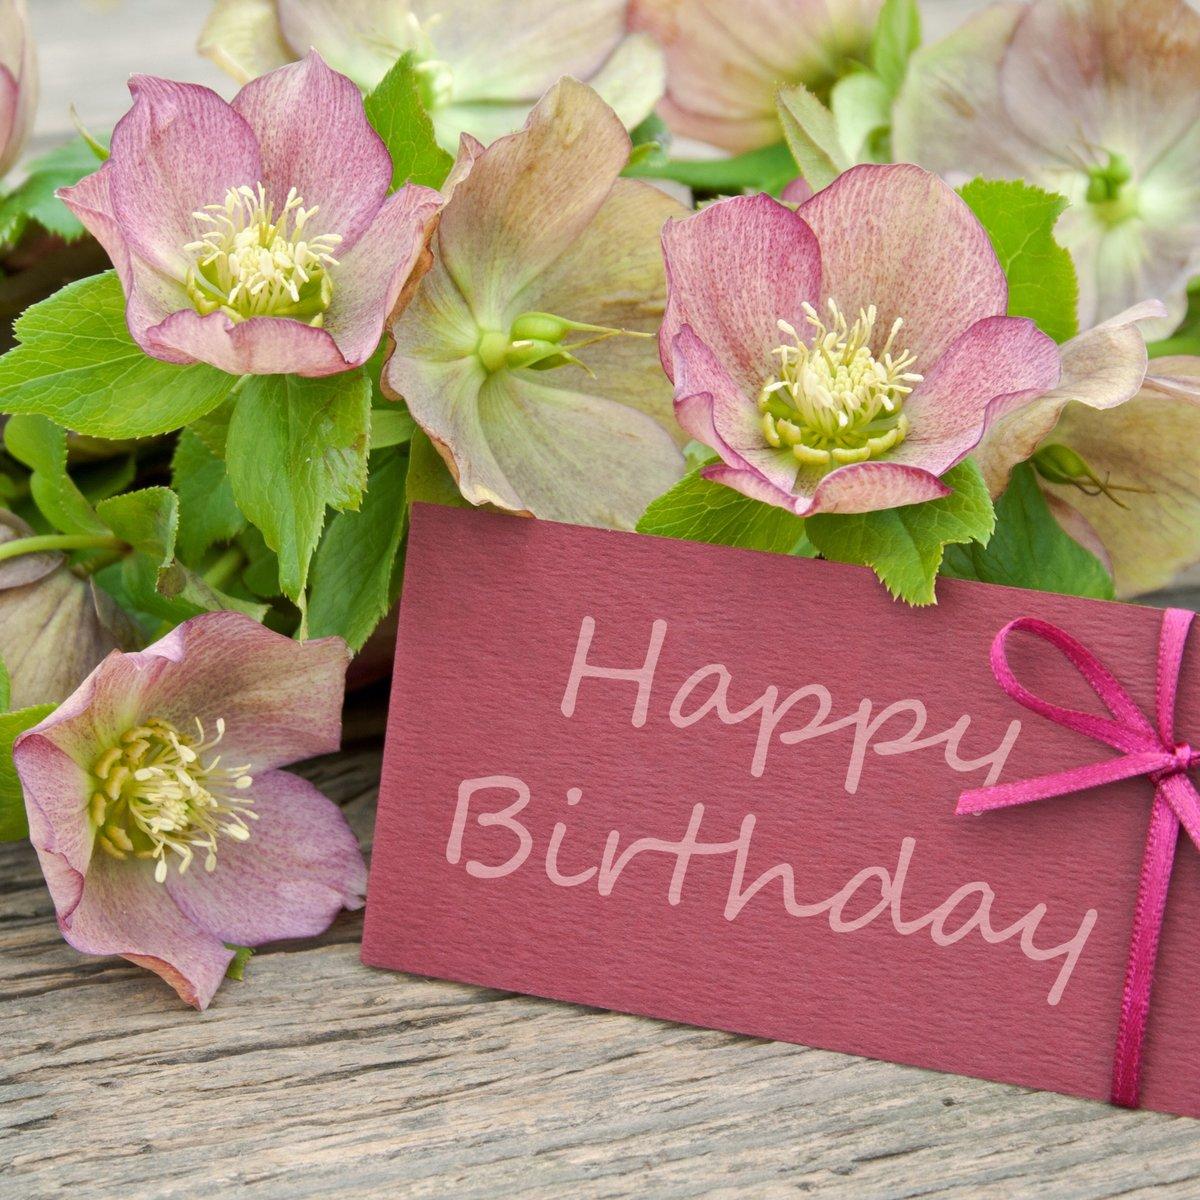 открытка для электронного поздравления с днем рождения балконе создаст